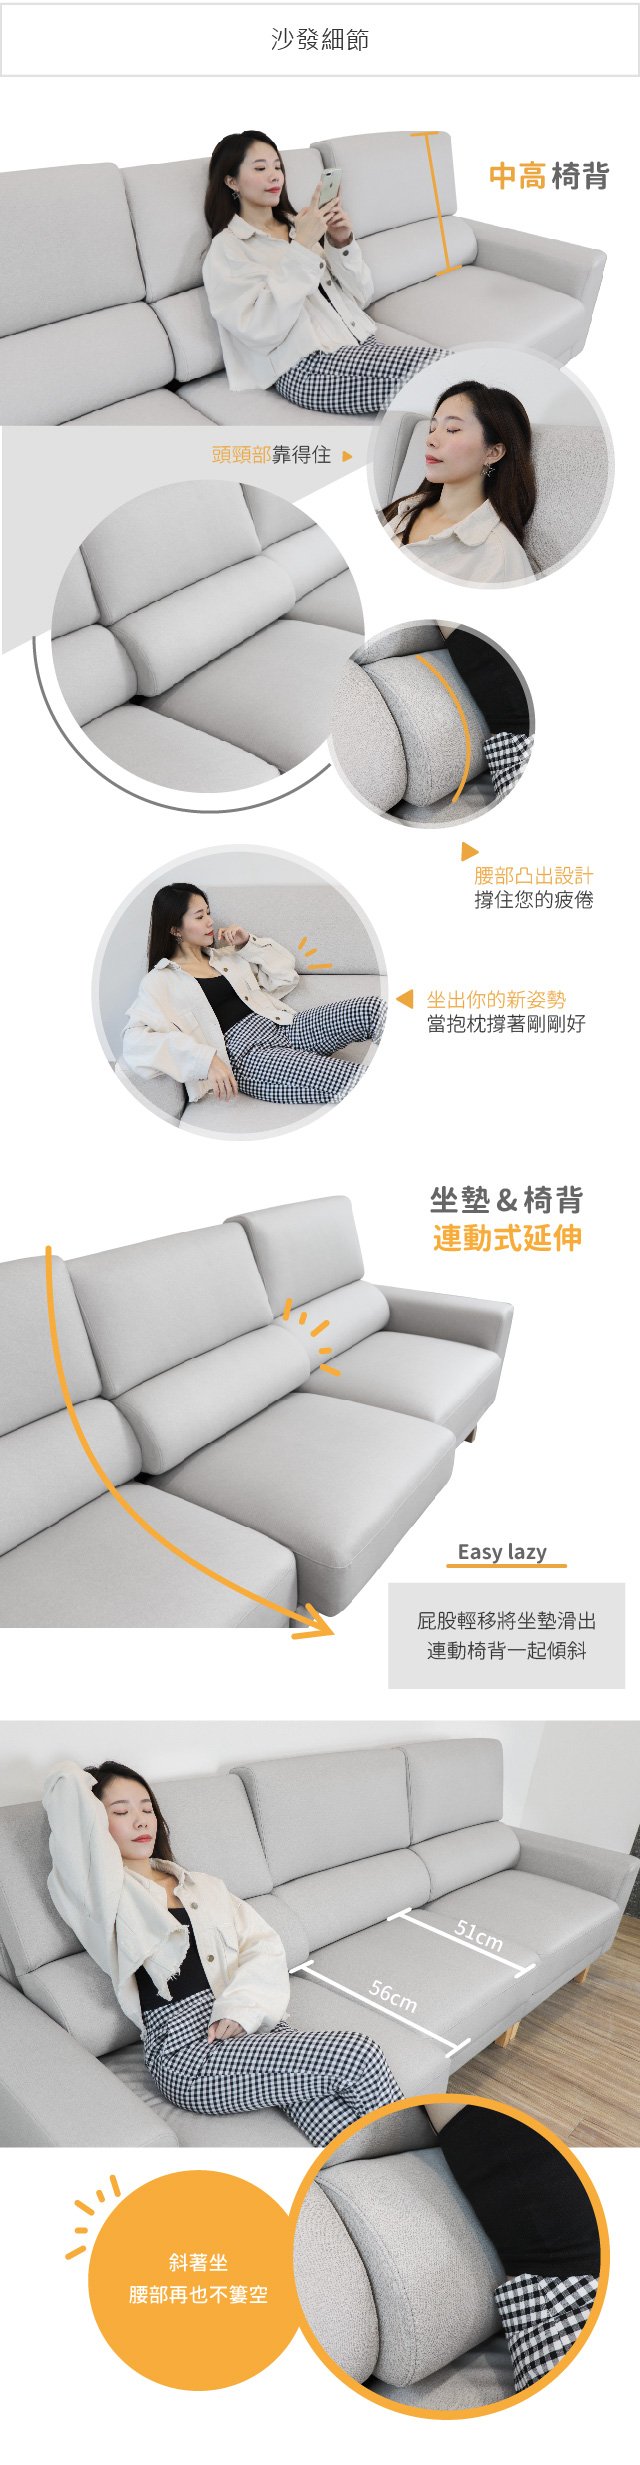 602台灣貓抓皮沙發支撐腰部滑動坐墊